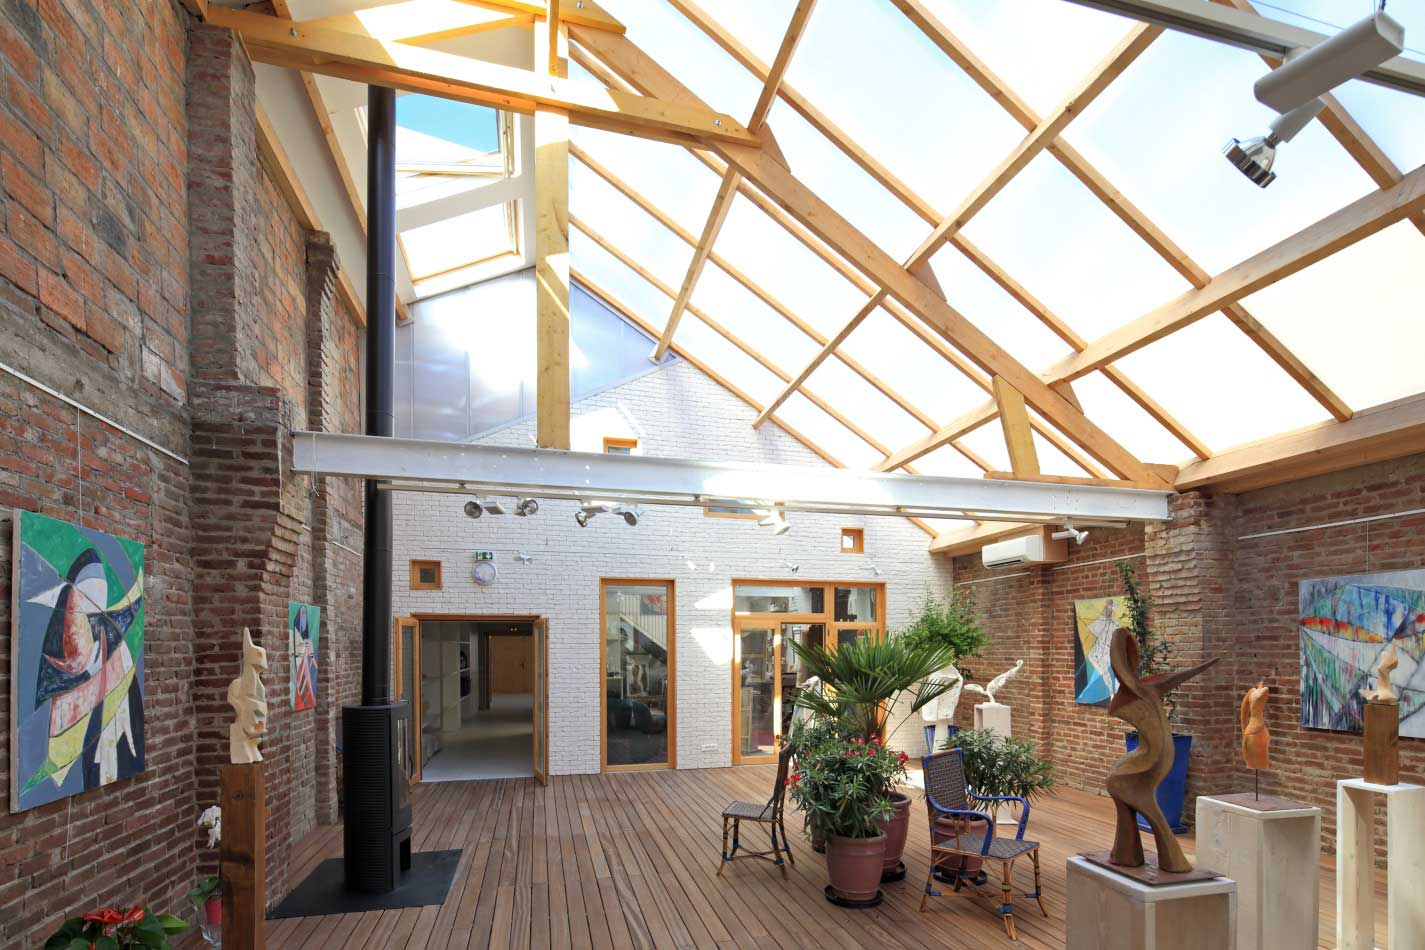 ateliers d 39 artistes par t design architecture. Black Bedroom Furniture Sets. Home Design Ideas